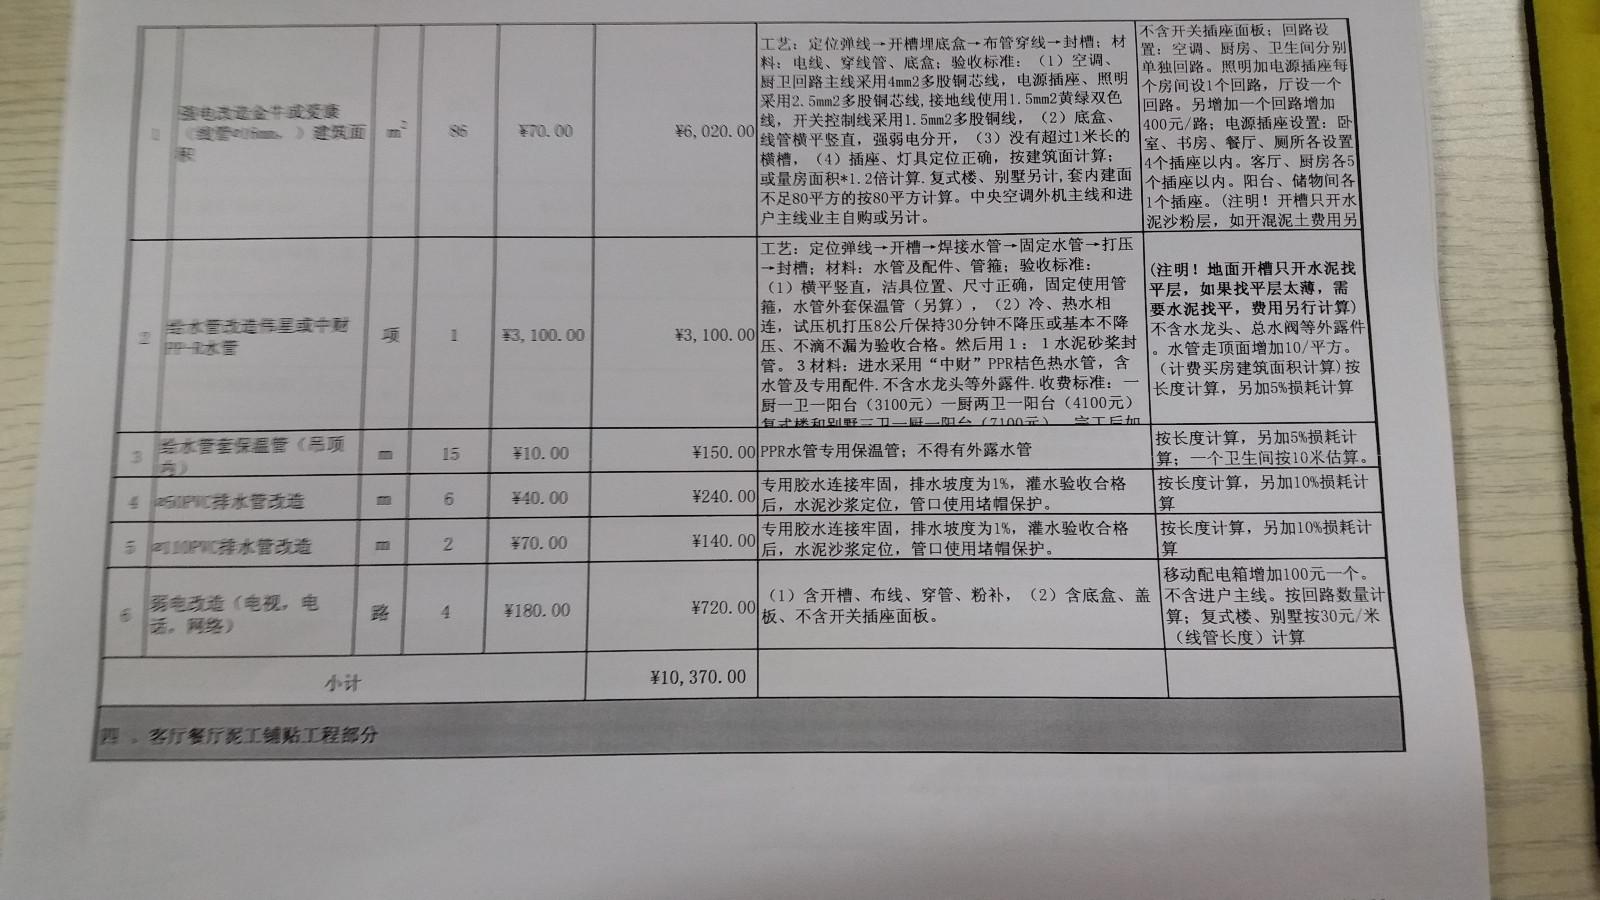 长源假日港湾报价审核结果4